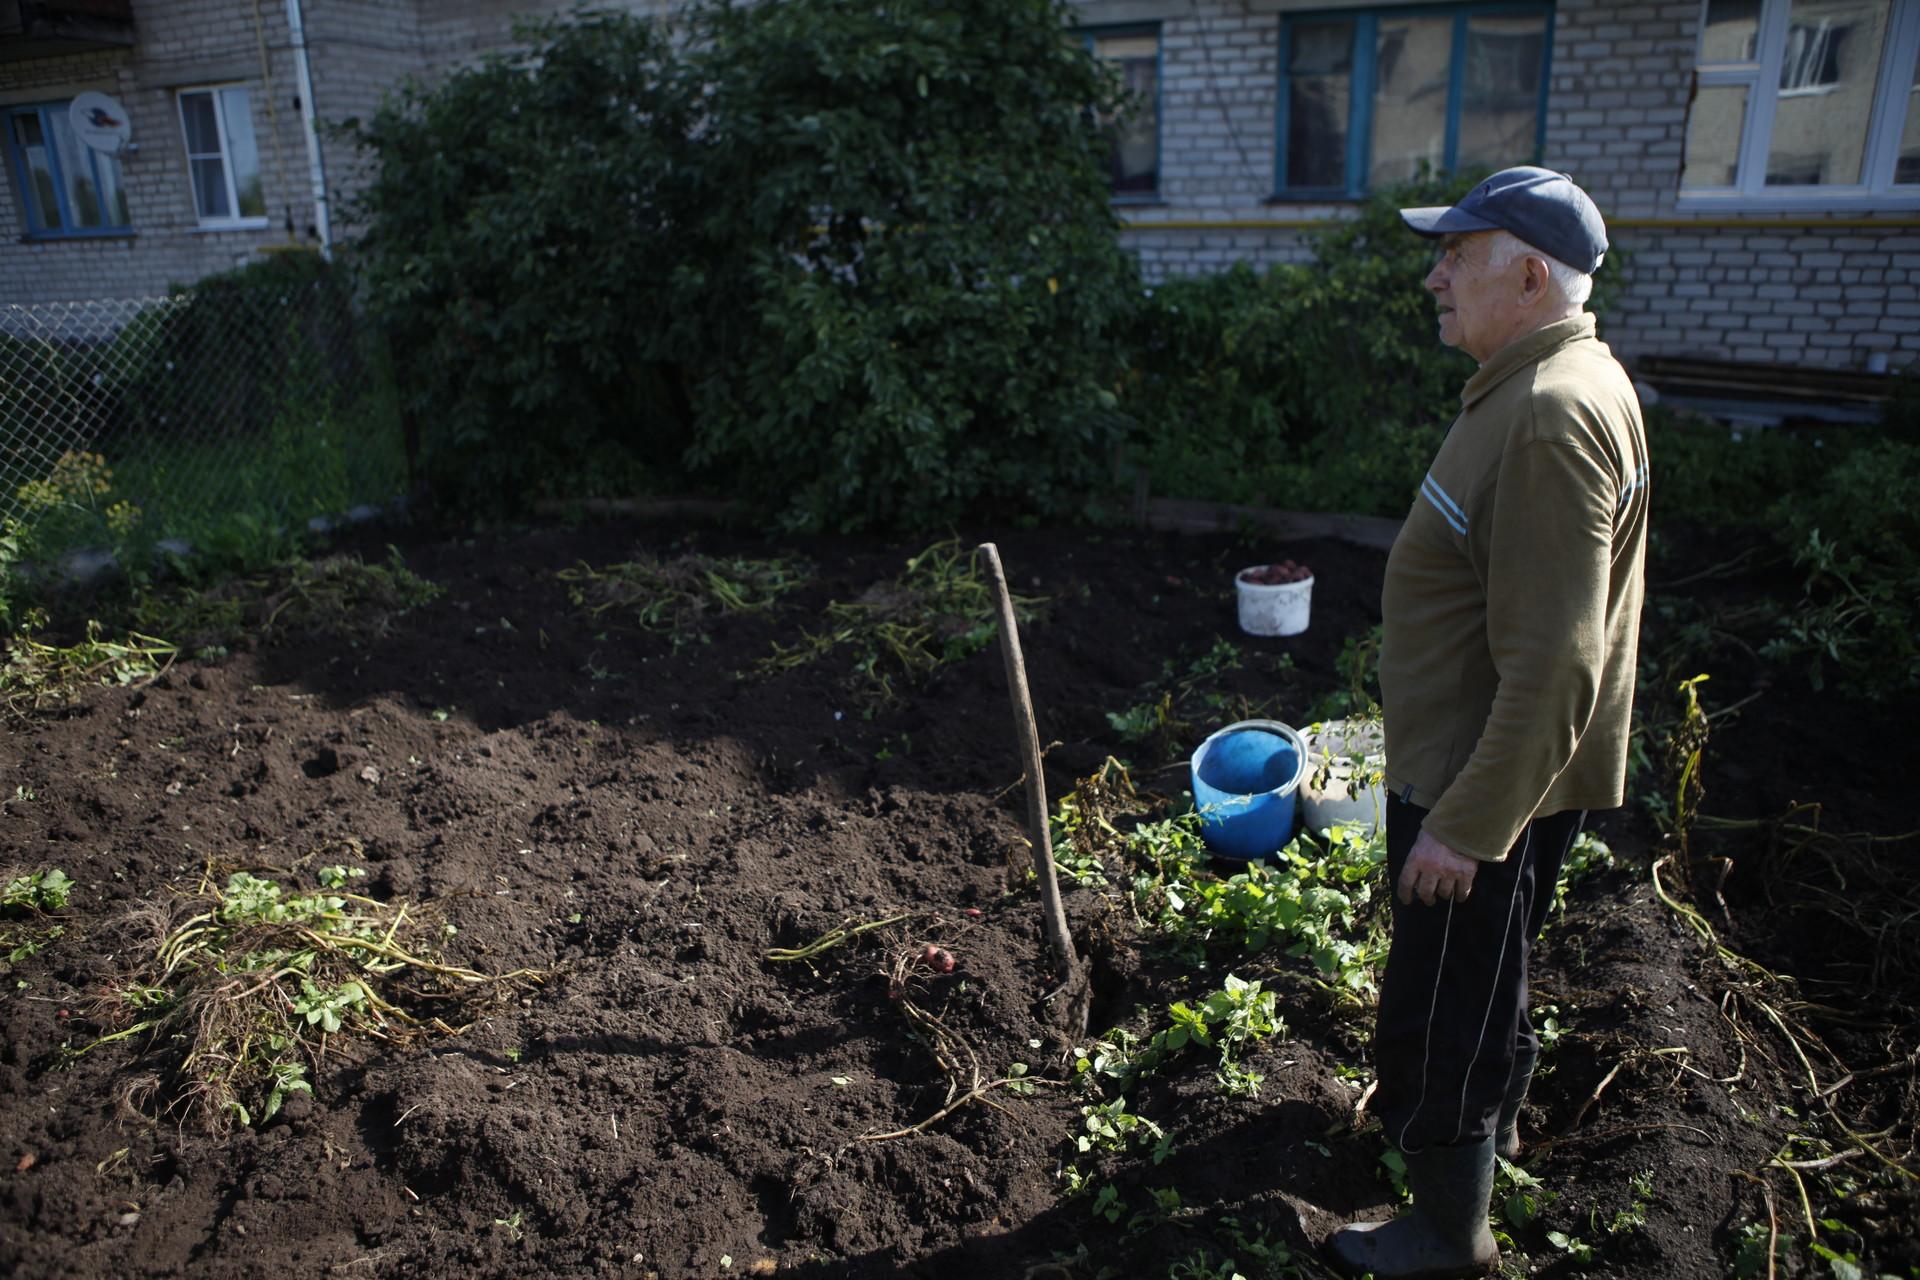 Во время ограничительных мер в Псковскую область можно приехать сажать огород, если у вас в собственности оформлена дача. Фото: Андрей Степанов.